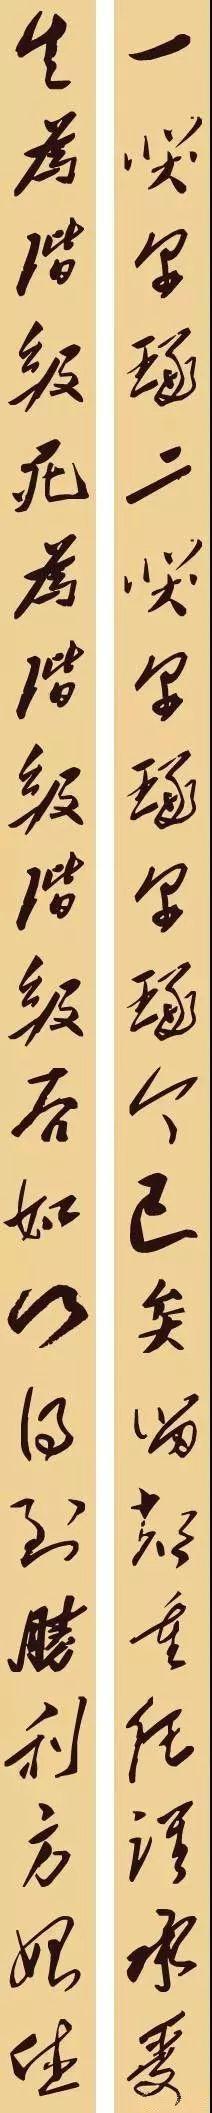 美高梅4858com 53